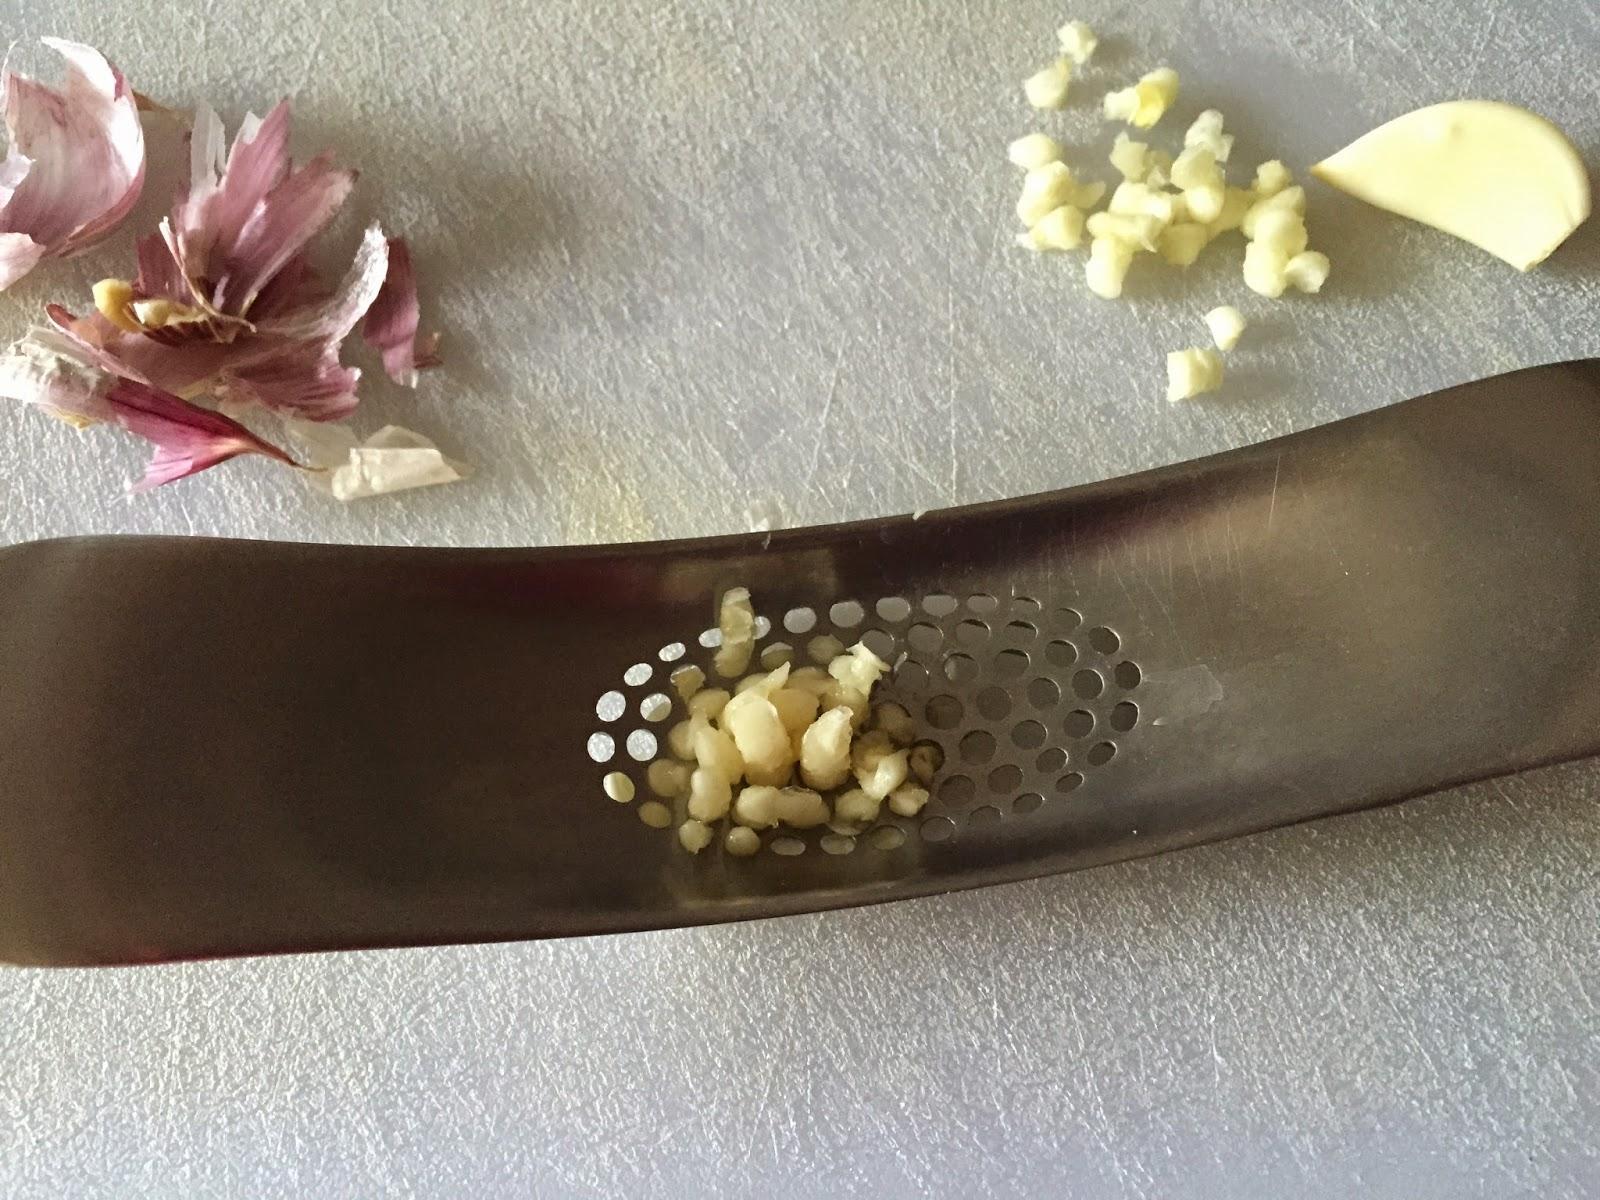 Conos de hojaldre rellenos de lombarda, picando los ajos.